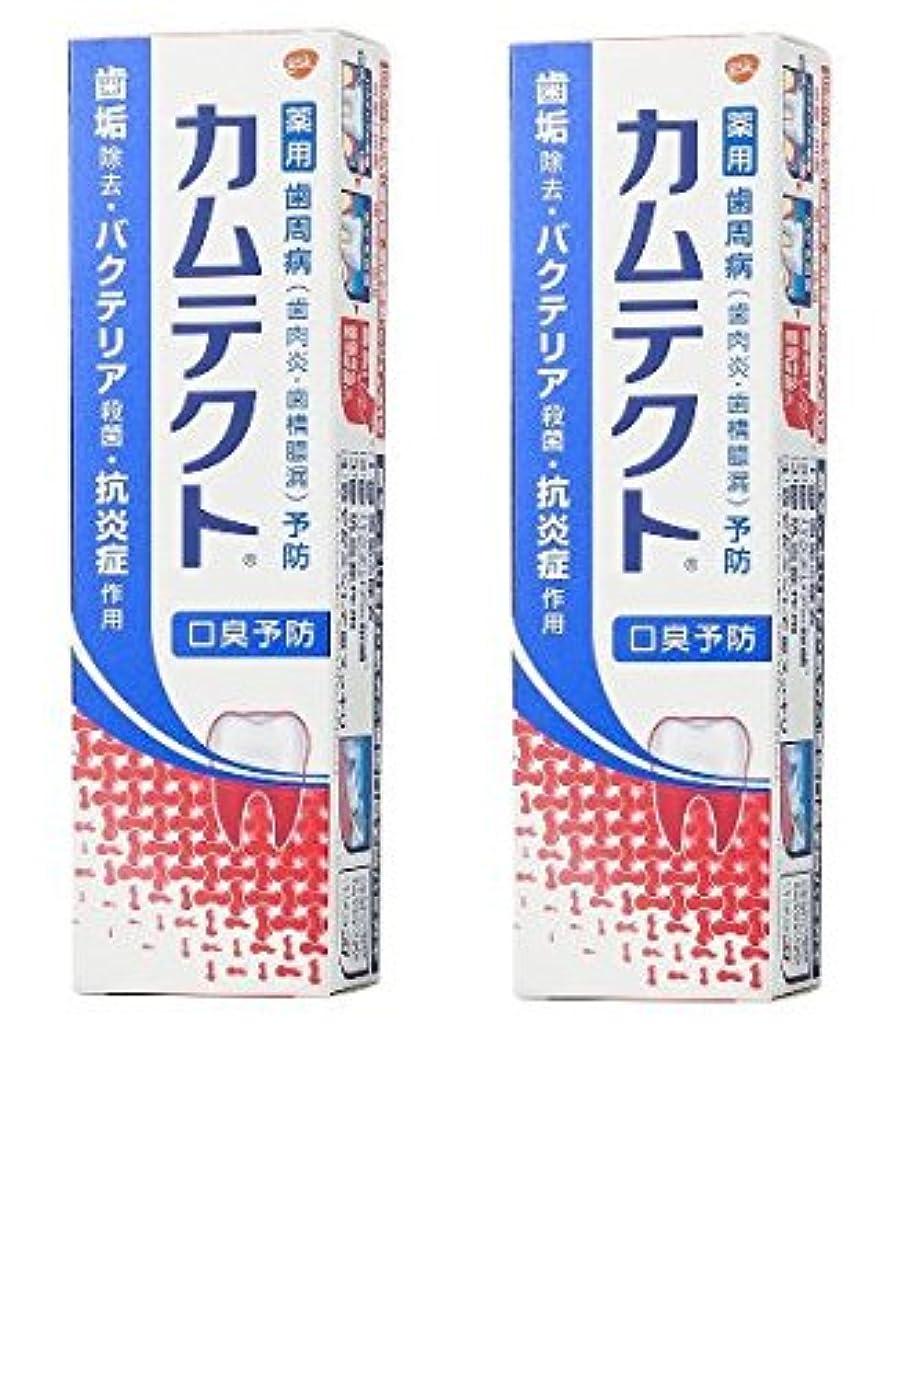 地味な逆にガラス【まとめ買い】カムテクト 口臭予防 歯周病(歯肉炎?歯槽膿漏) 予防 歯みがき粉 105g × 2個